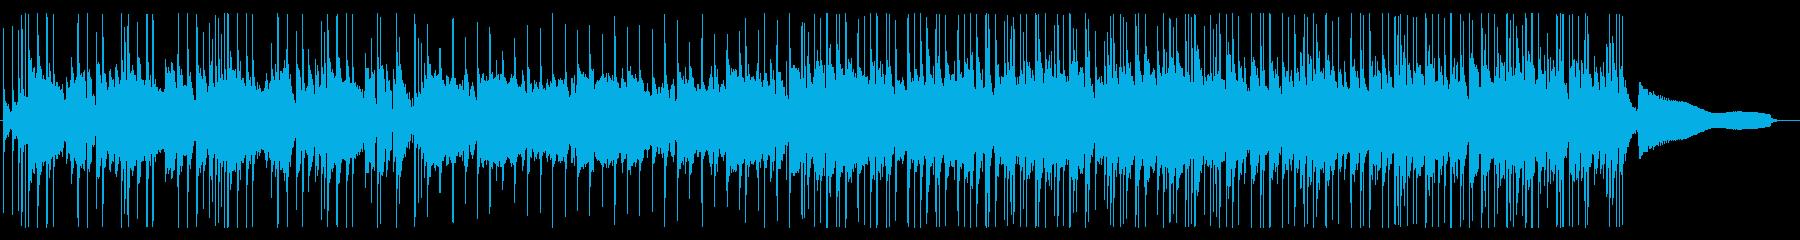 爽やかなショートBGMの再生済みの波形